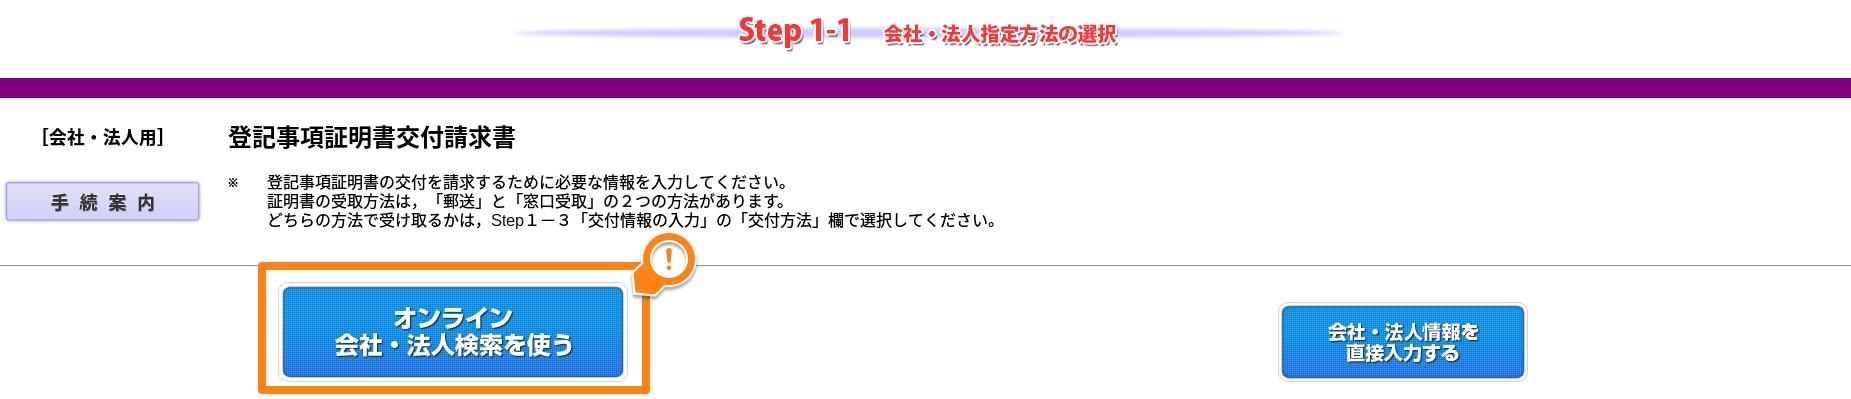 登記供託オンライン申請システム-09